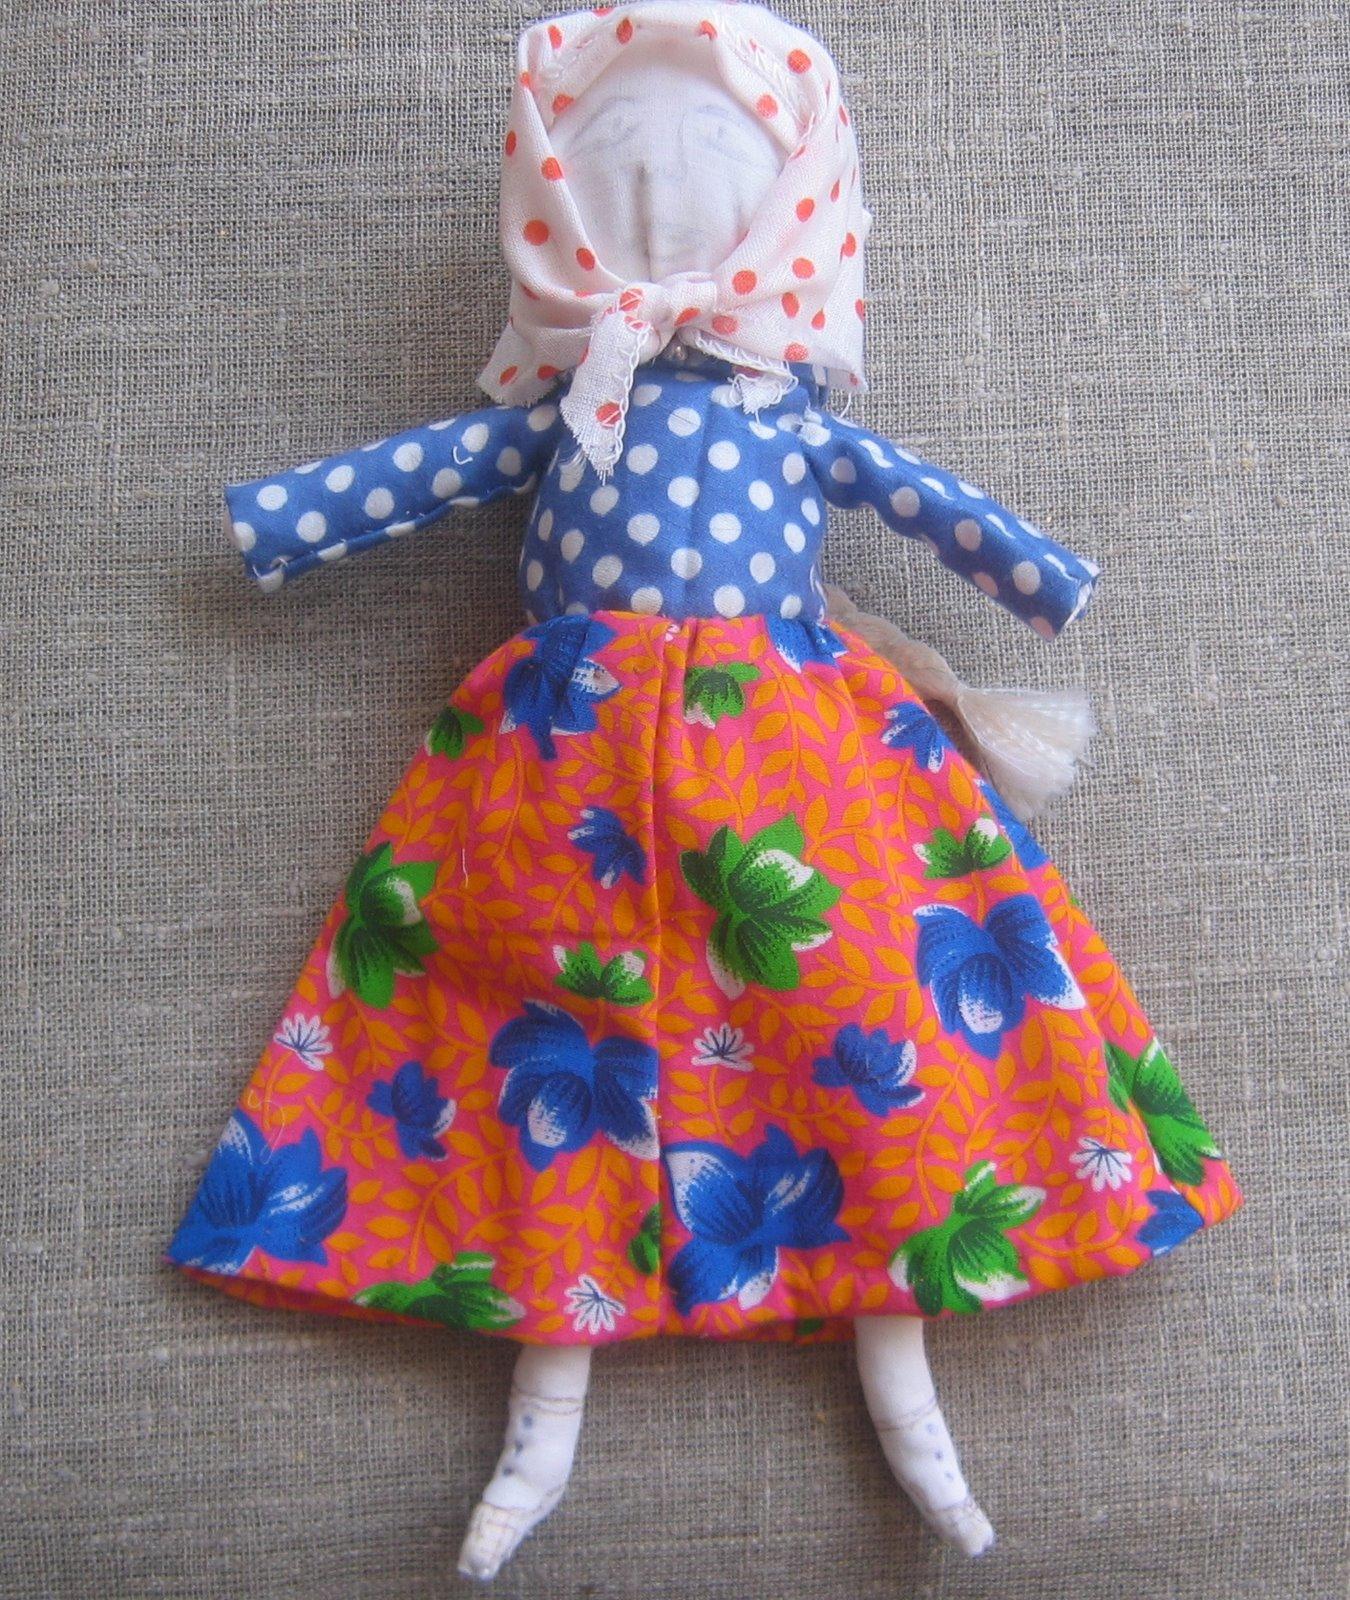 Куклы сделанные своими руками в картинках фото